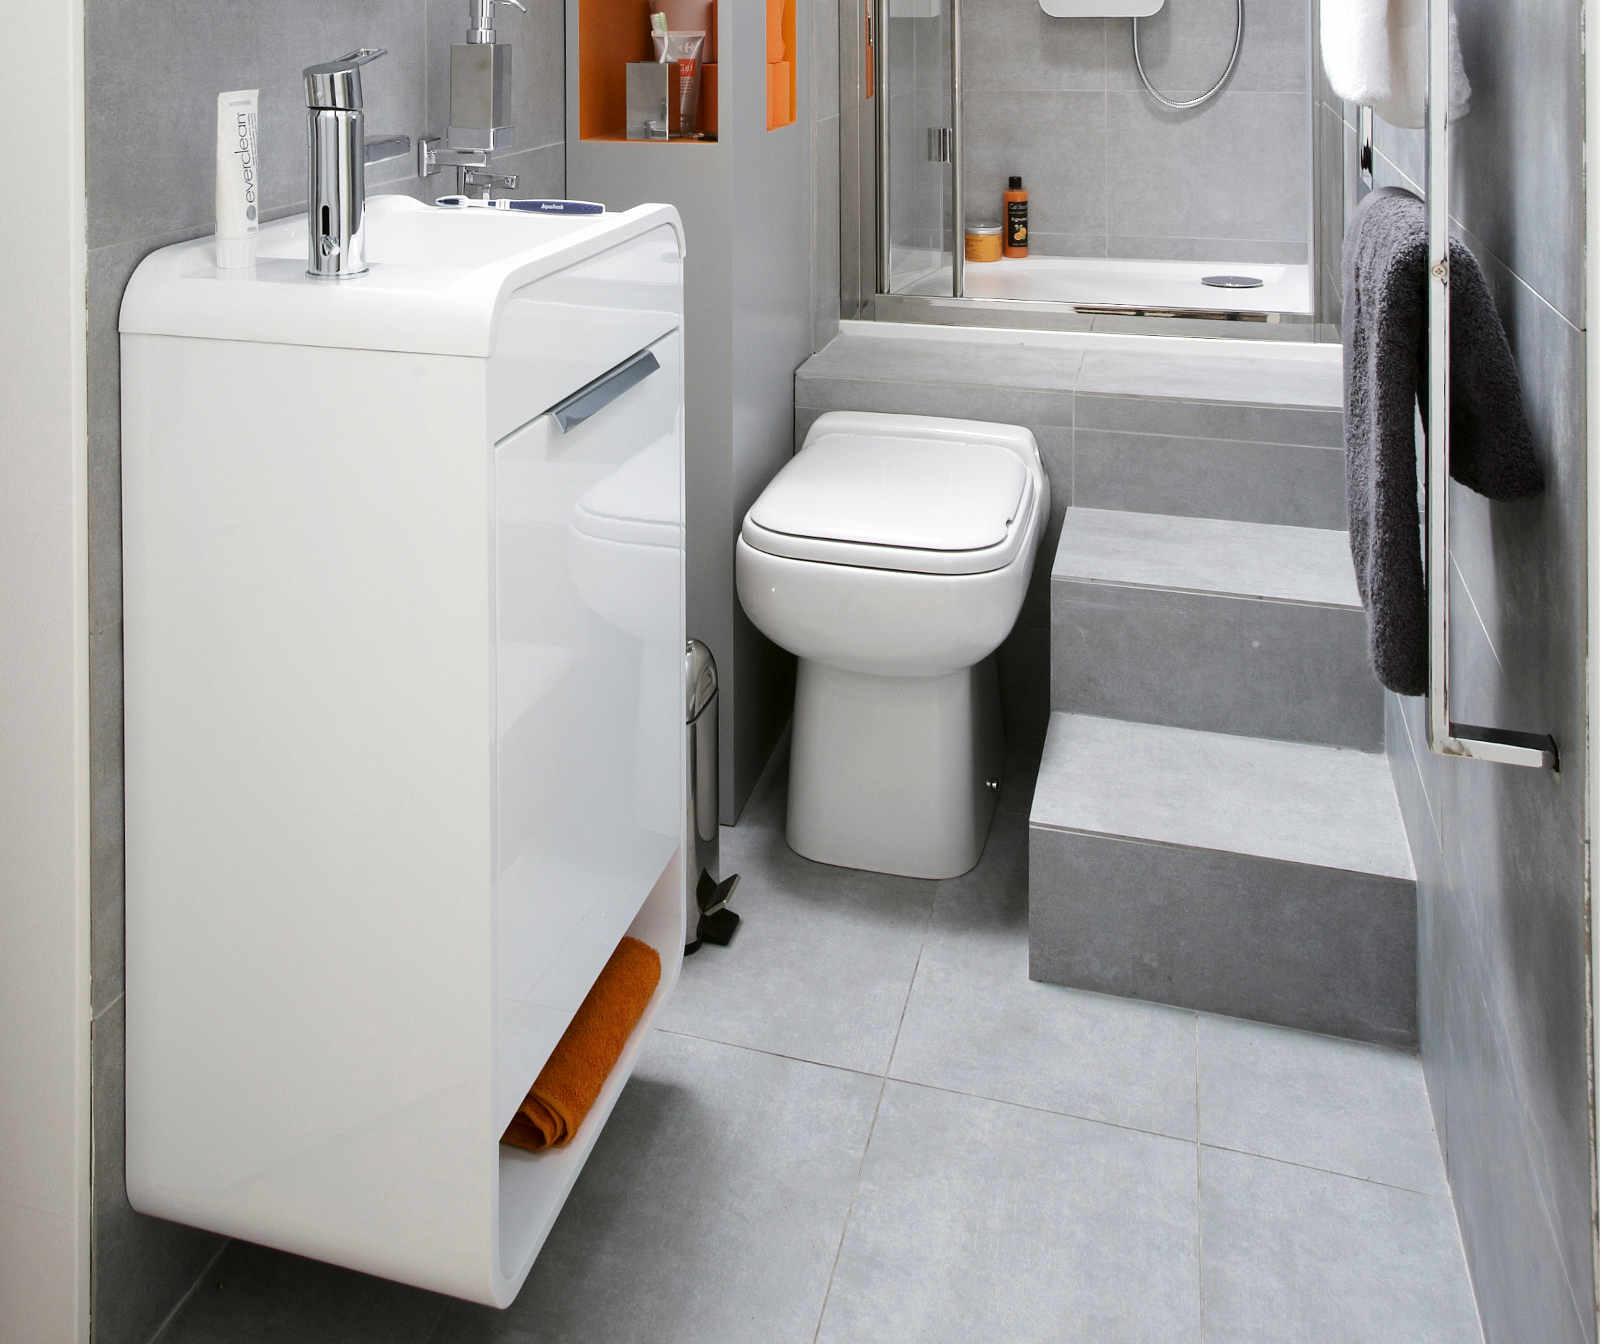 pose sanibroyeur top prix de sanibroyeur travaux tuyau et plomberie devis plomberie maison. Black Bedroom Furniture Sets. Home Design Ideas